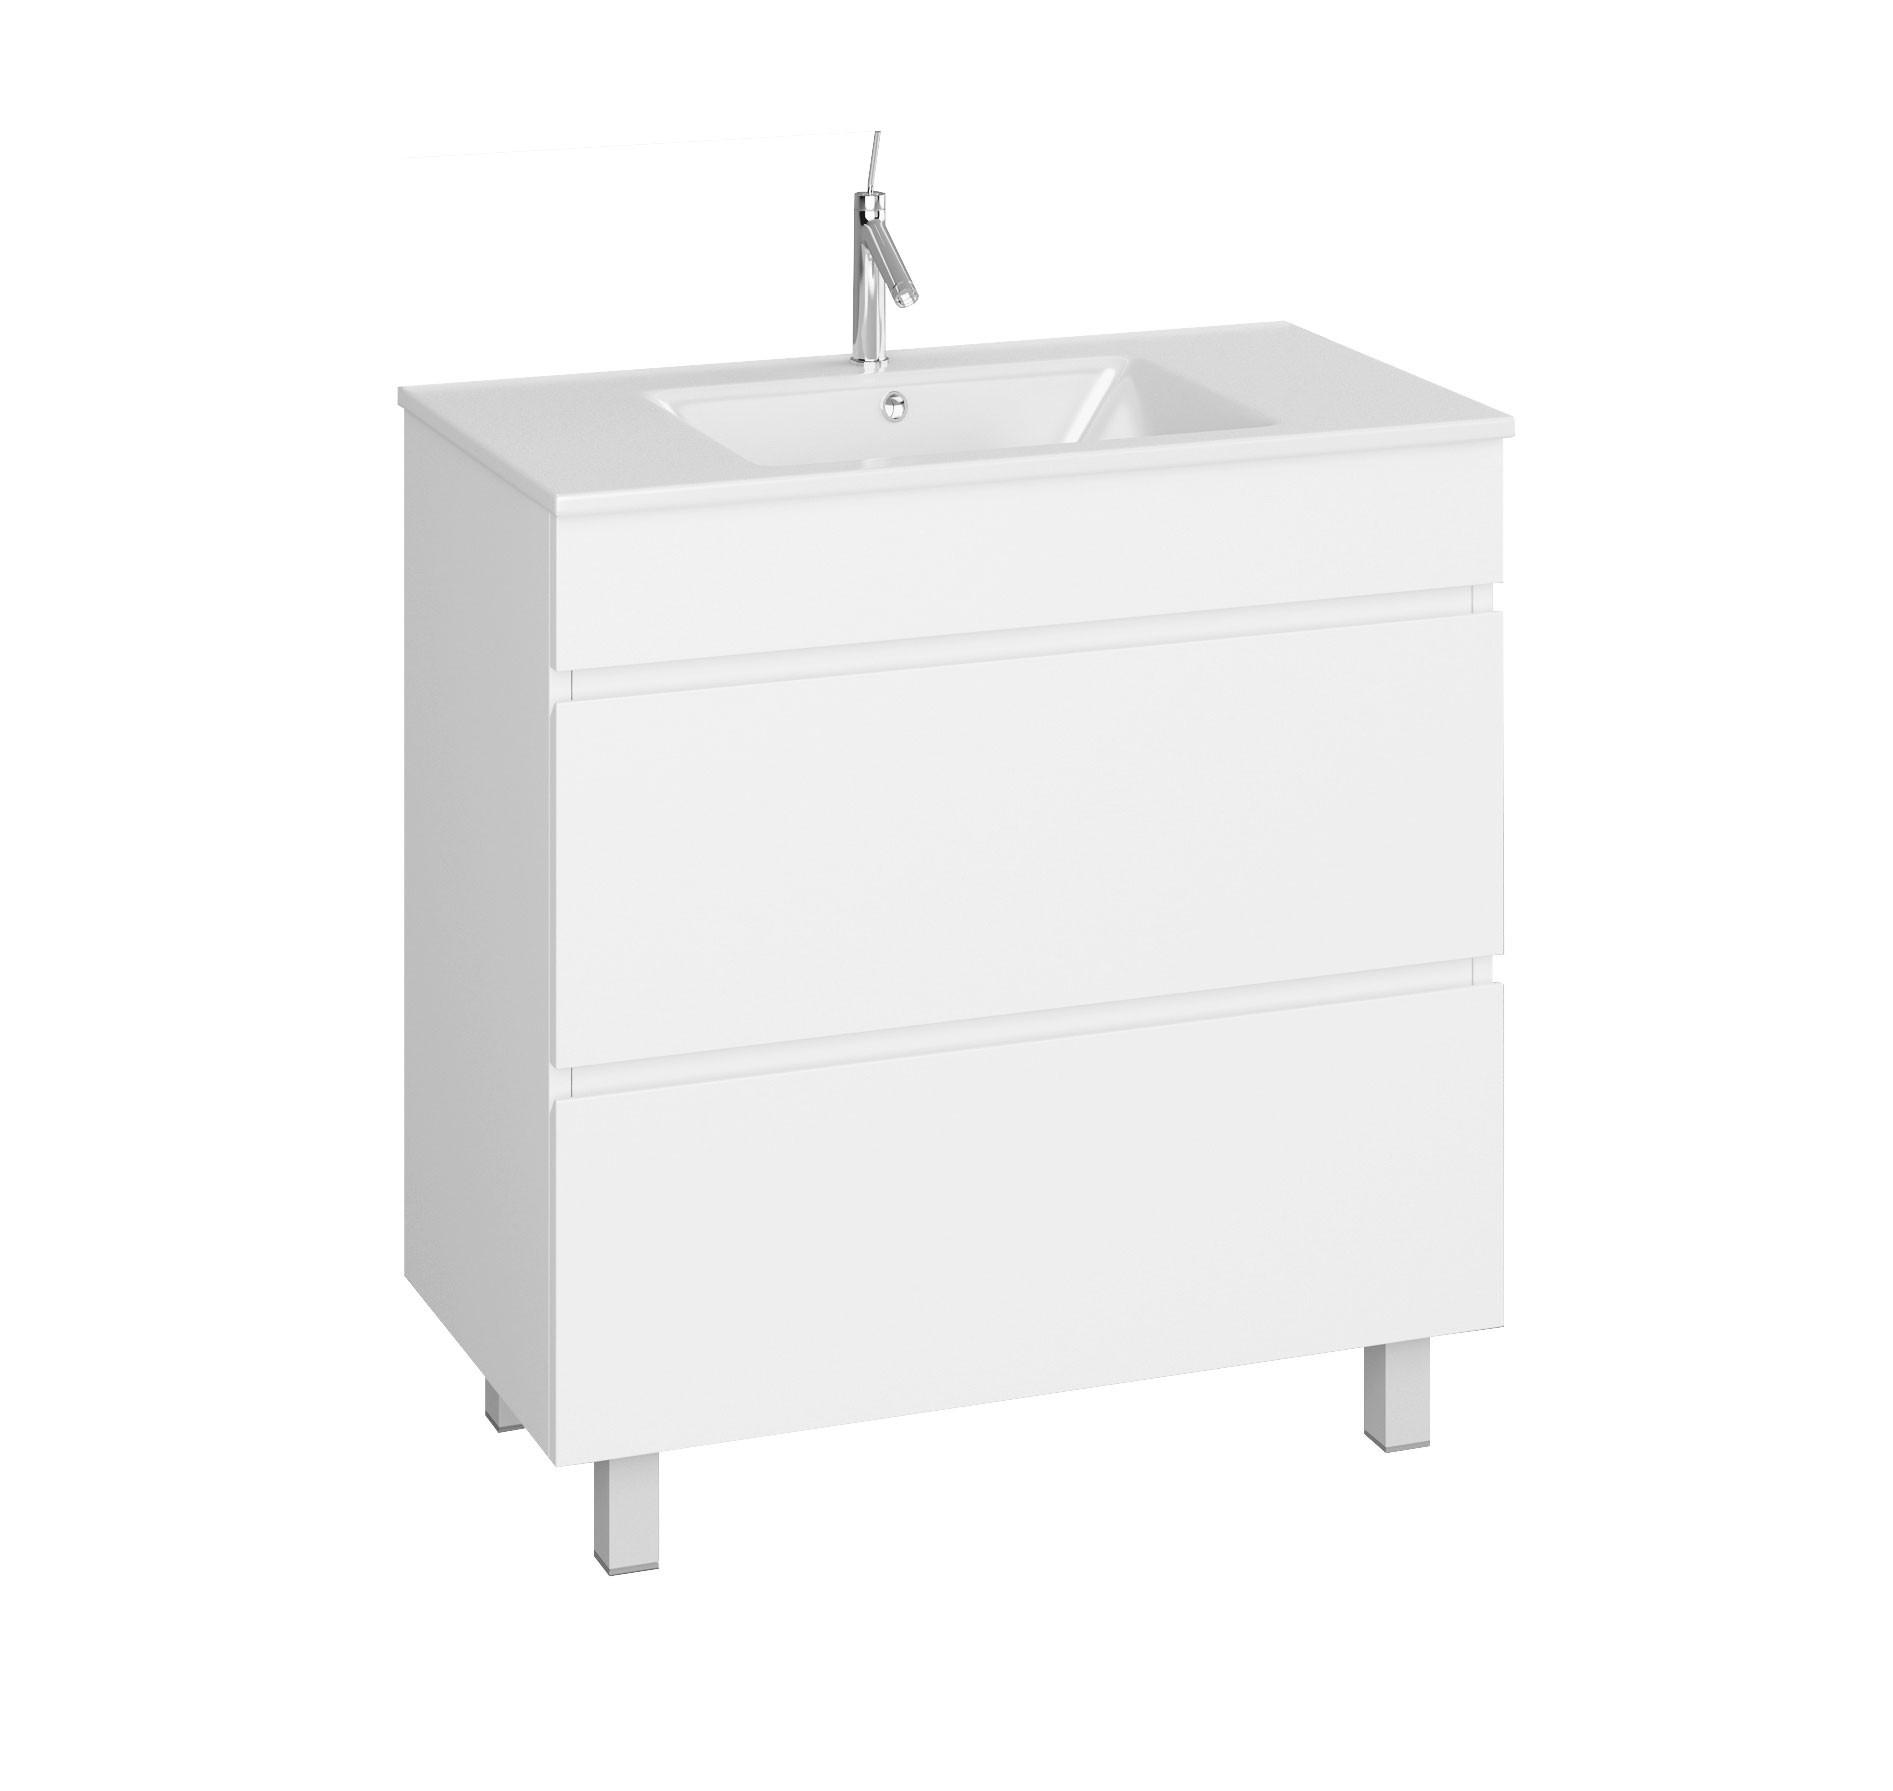 Dedeman Masca baie pentru lavoar, Martplast Combo 810, cu sertare